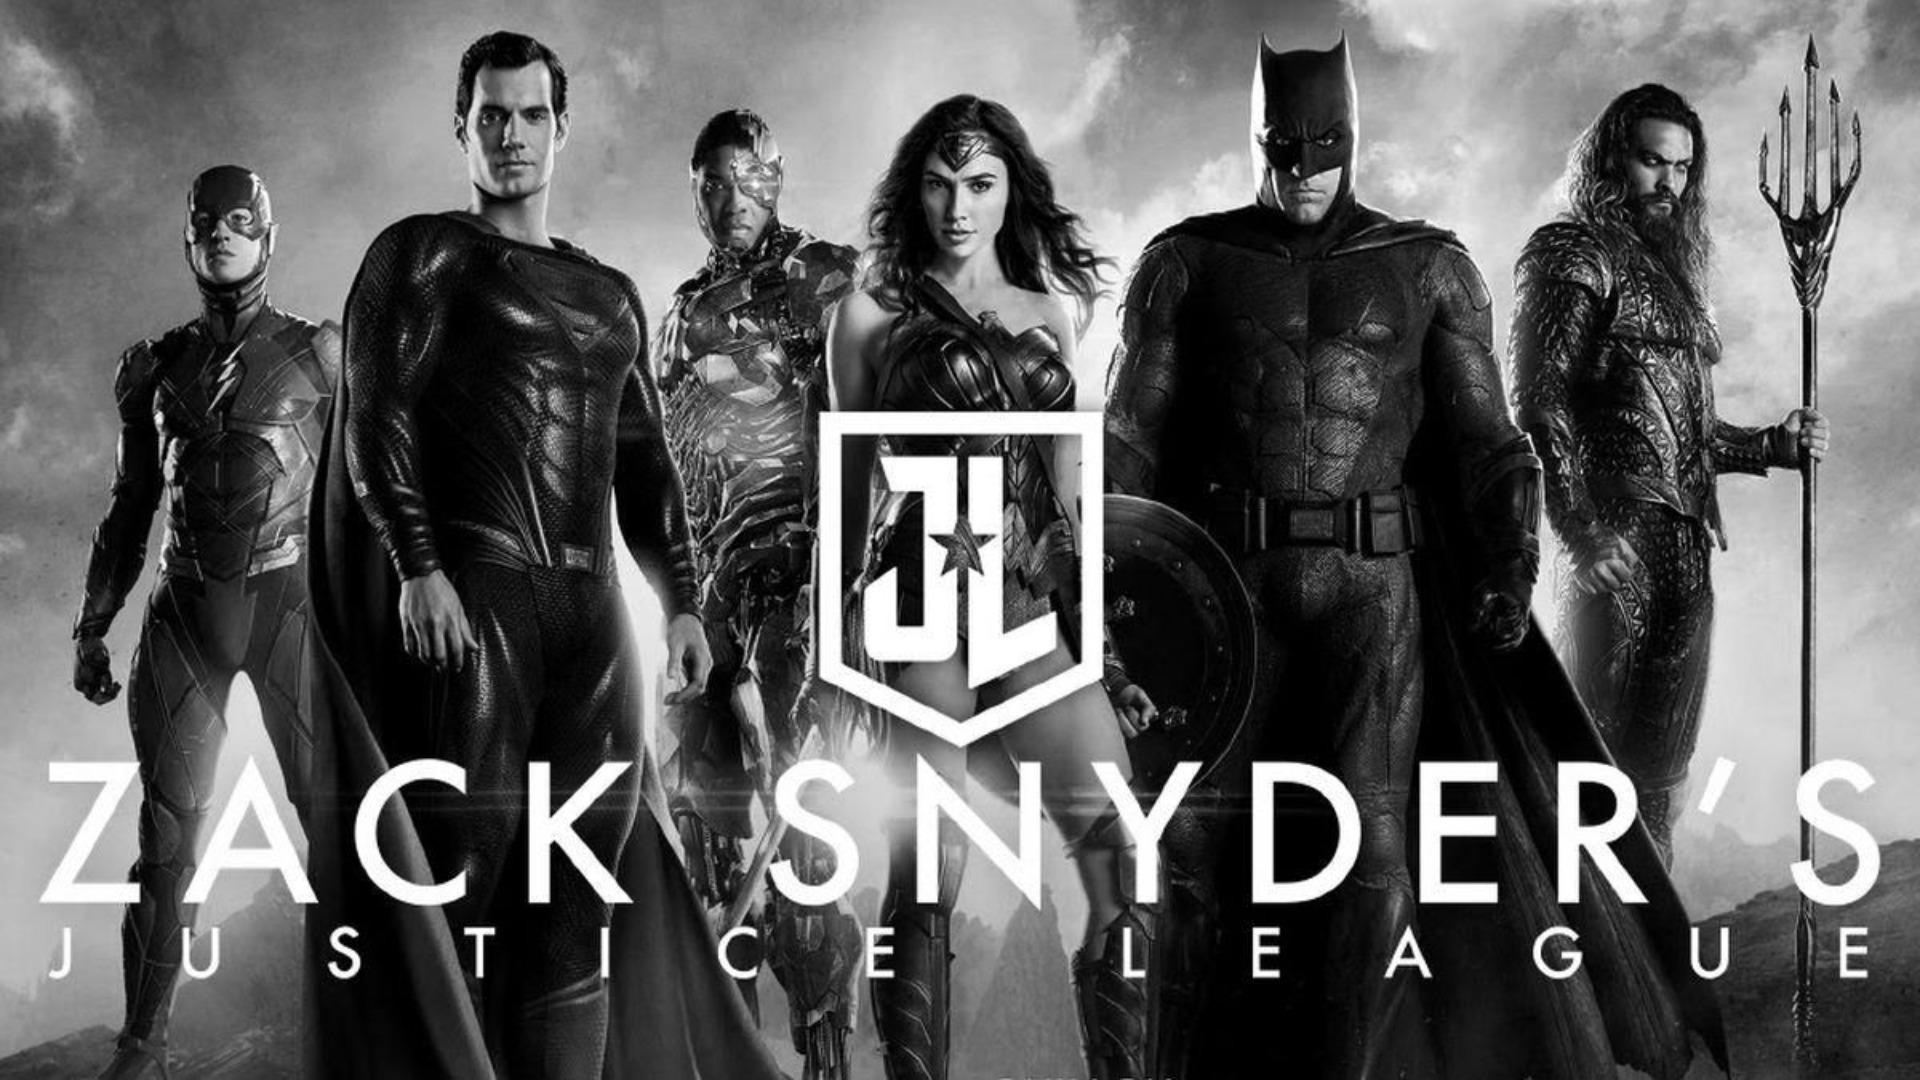 Warner | Liga da Justiça de Zack Snyder chegará ao Brasil dublado